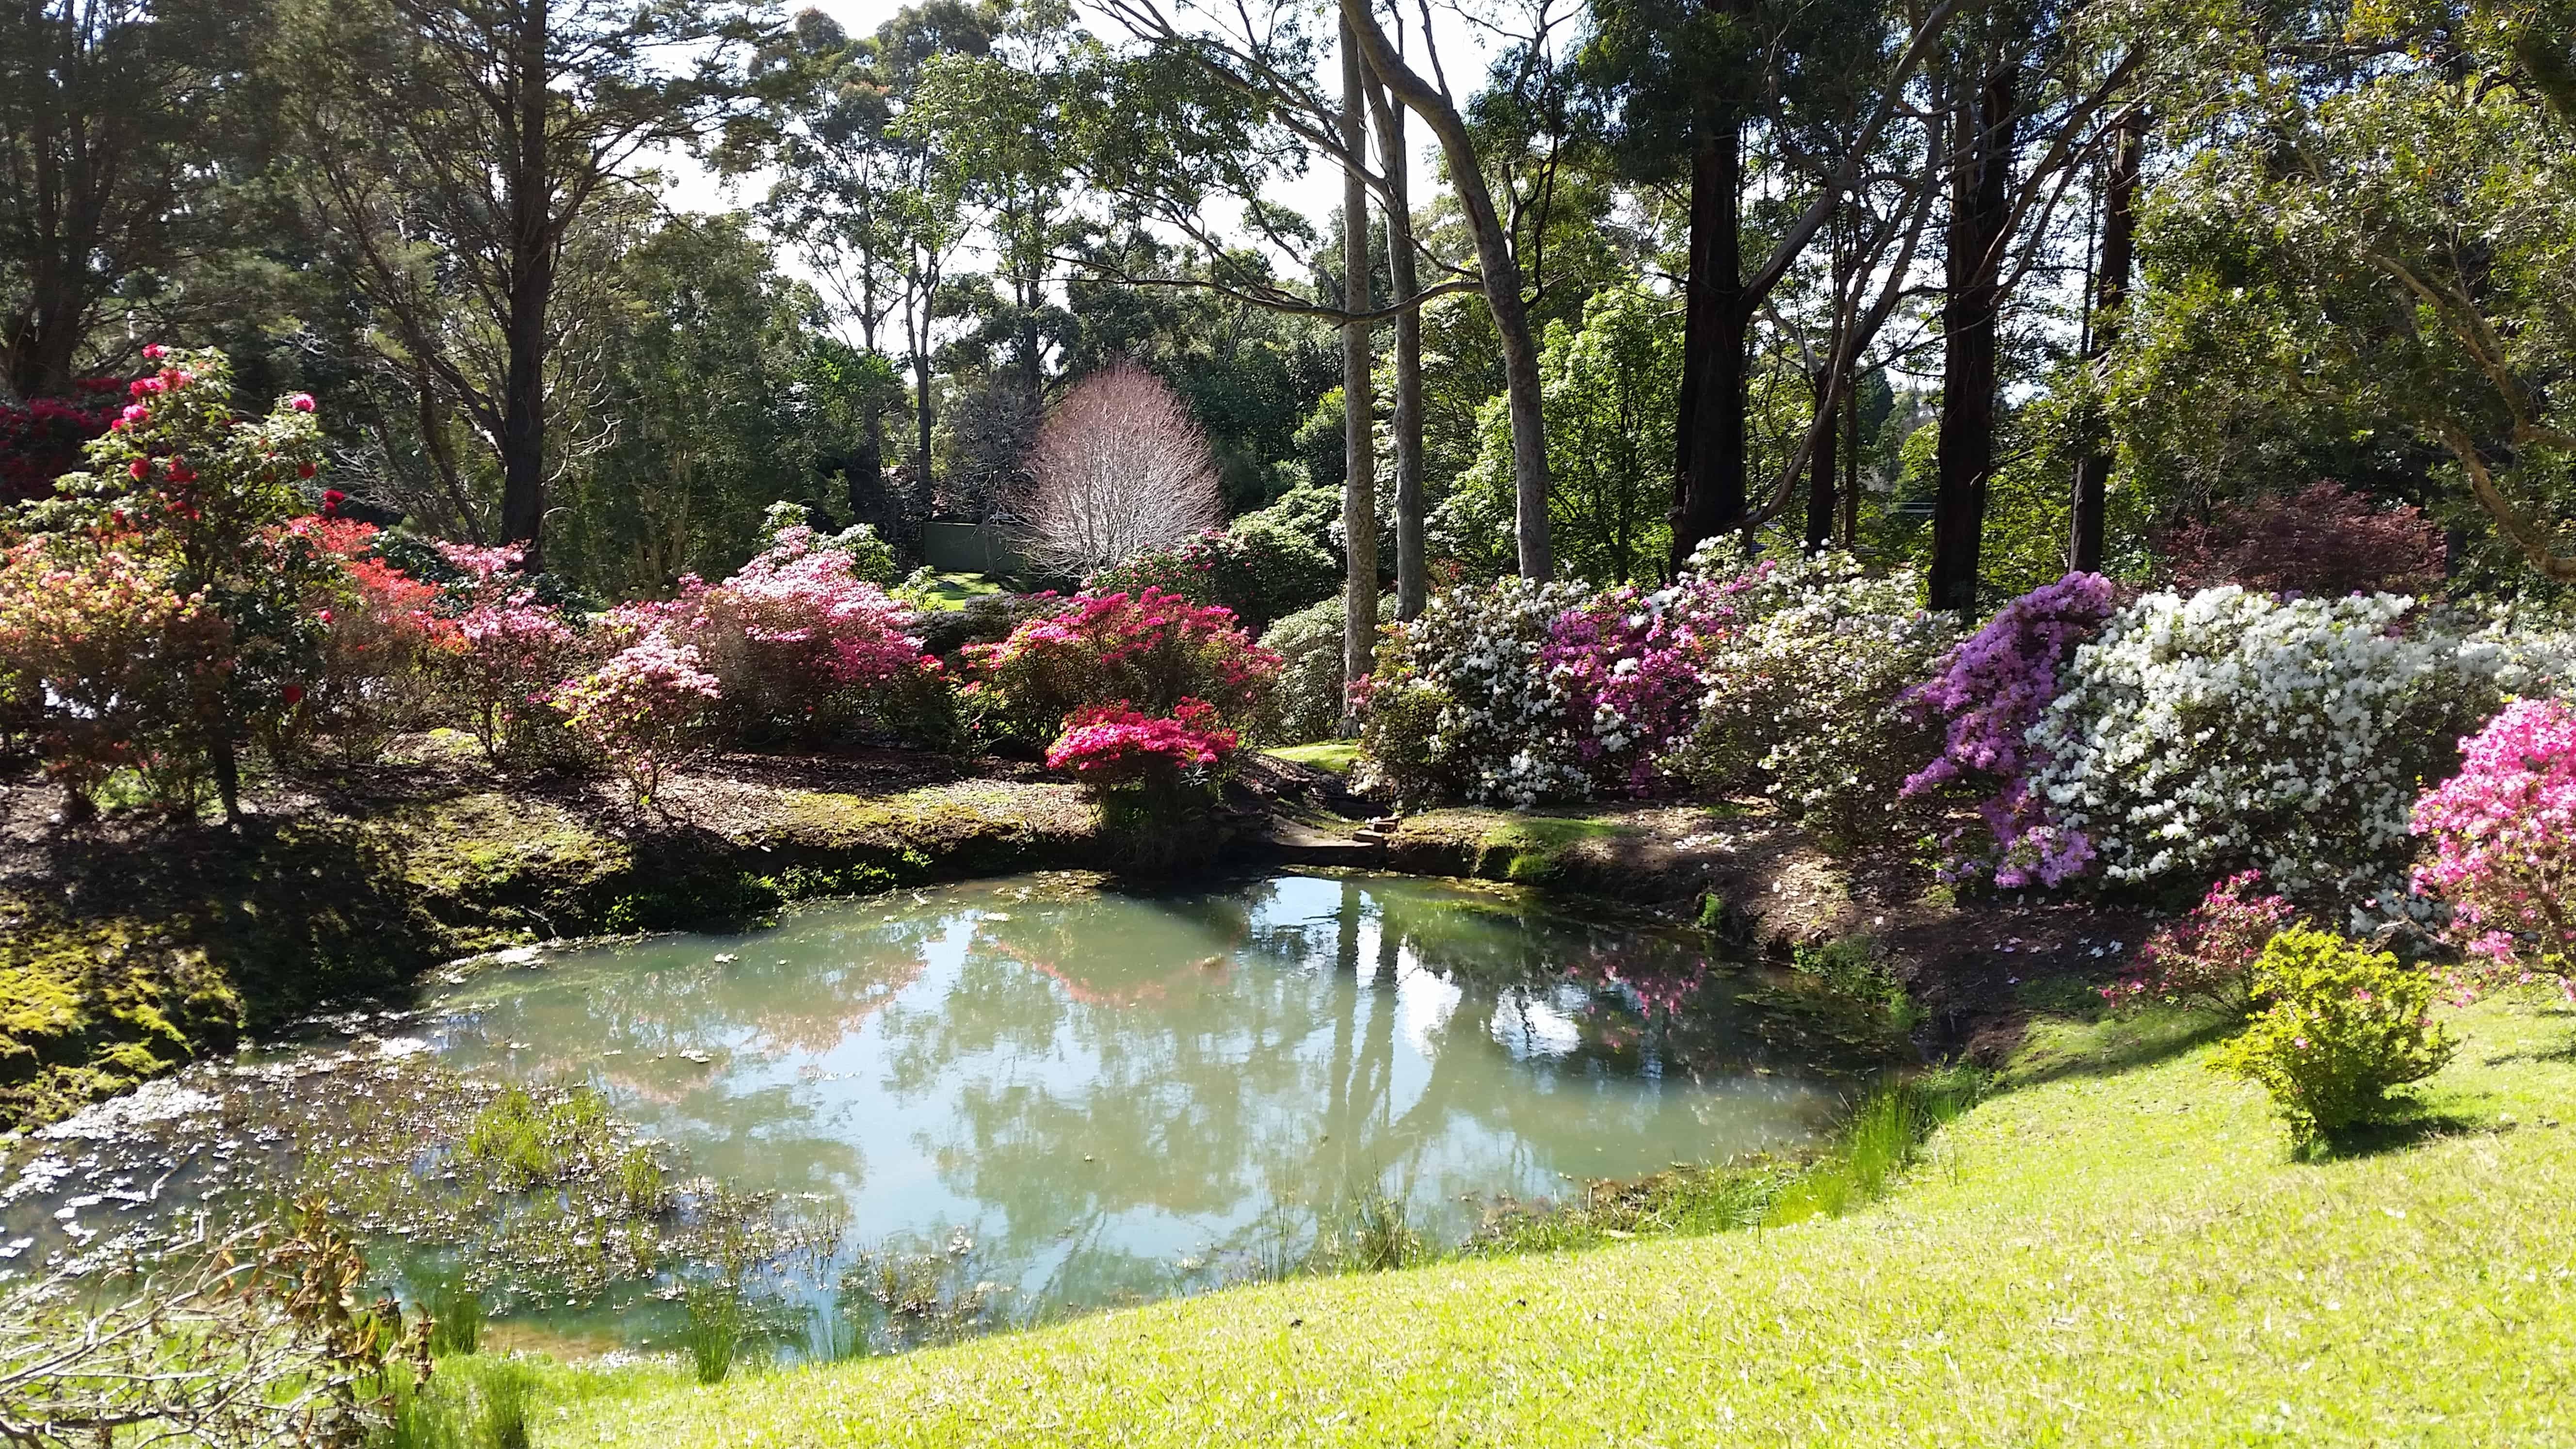 Rhododeren gardens, balgownie